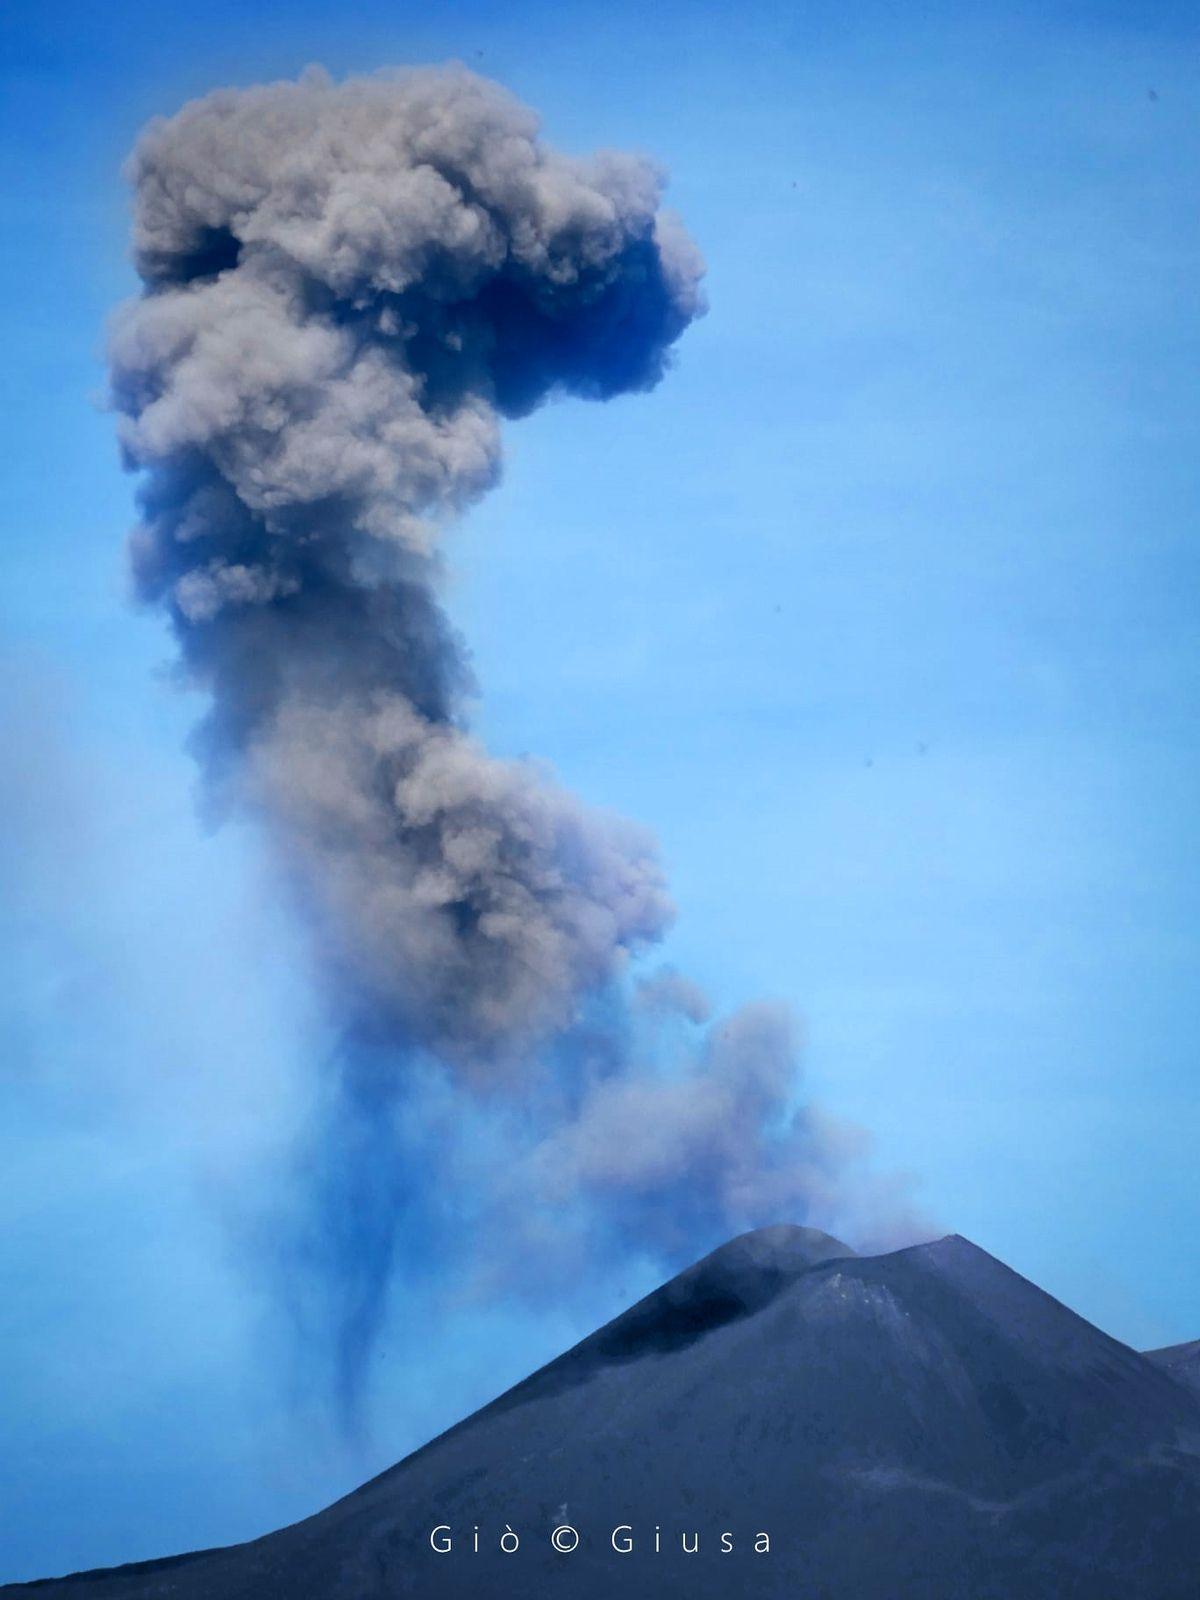 Etna SEC - émission de cendres du 17.06.2021 / 09h38 - photo Gio Giusa